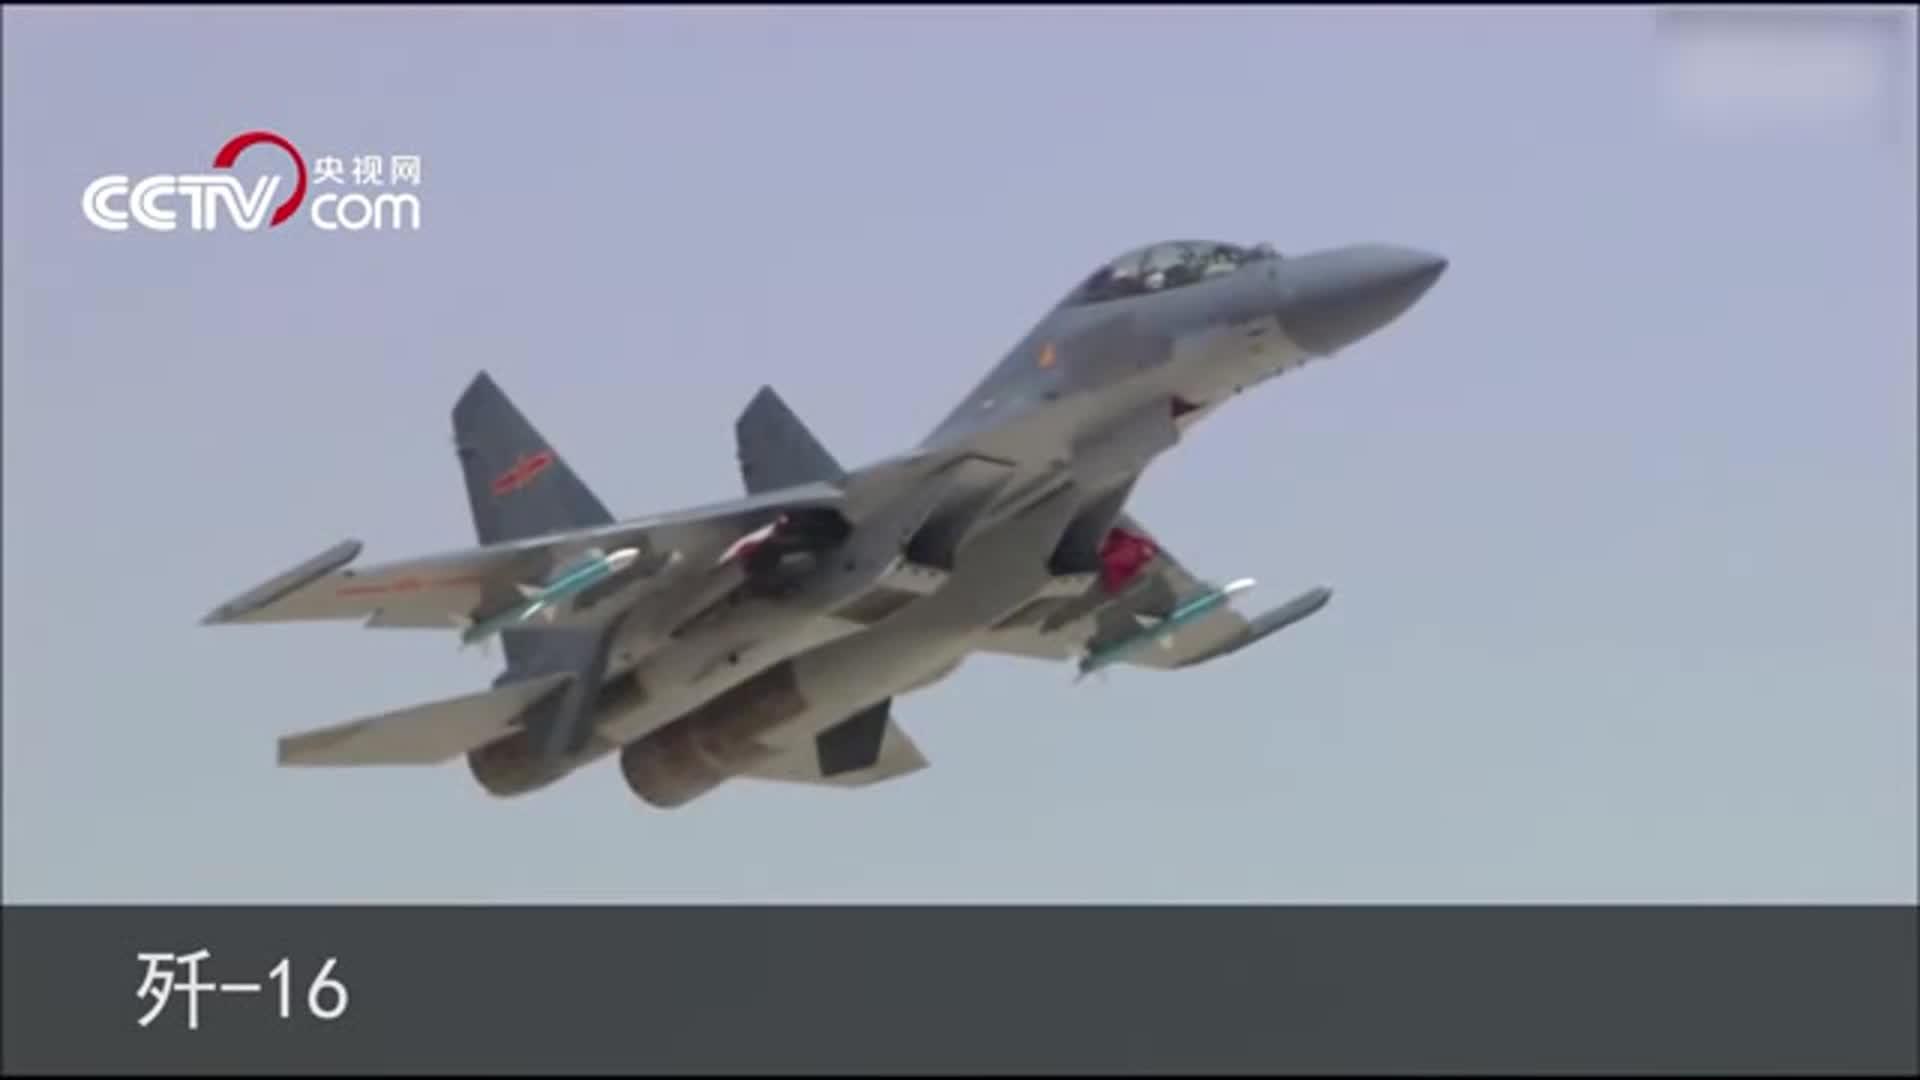 [视频]中国先进战机再现身 带来最酷炫新年问候!